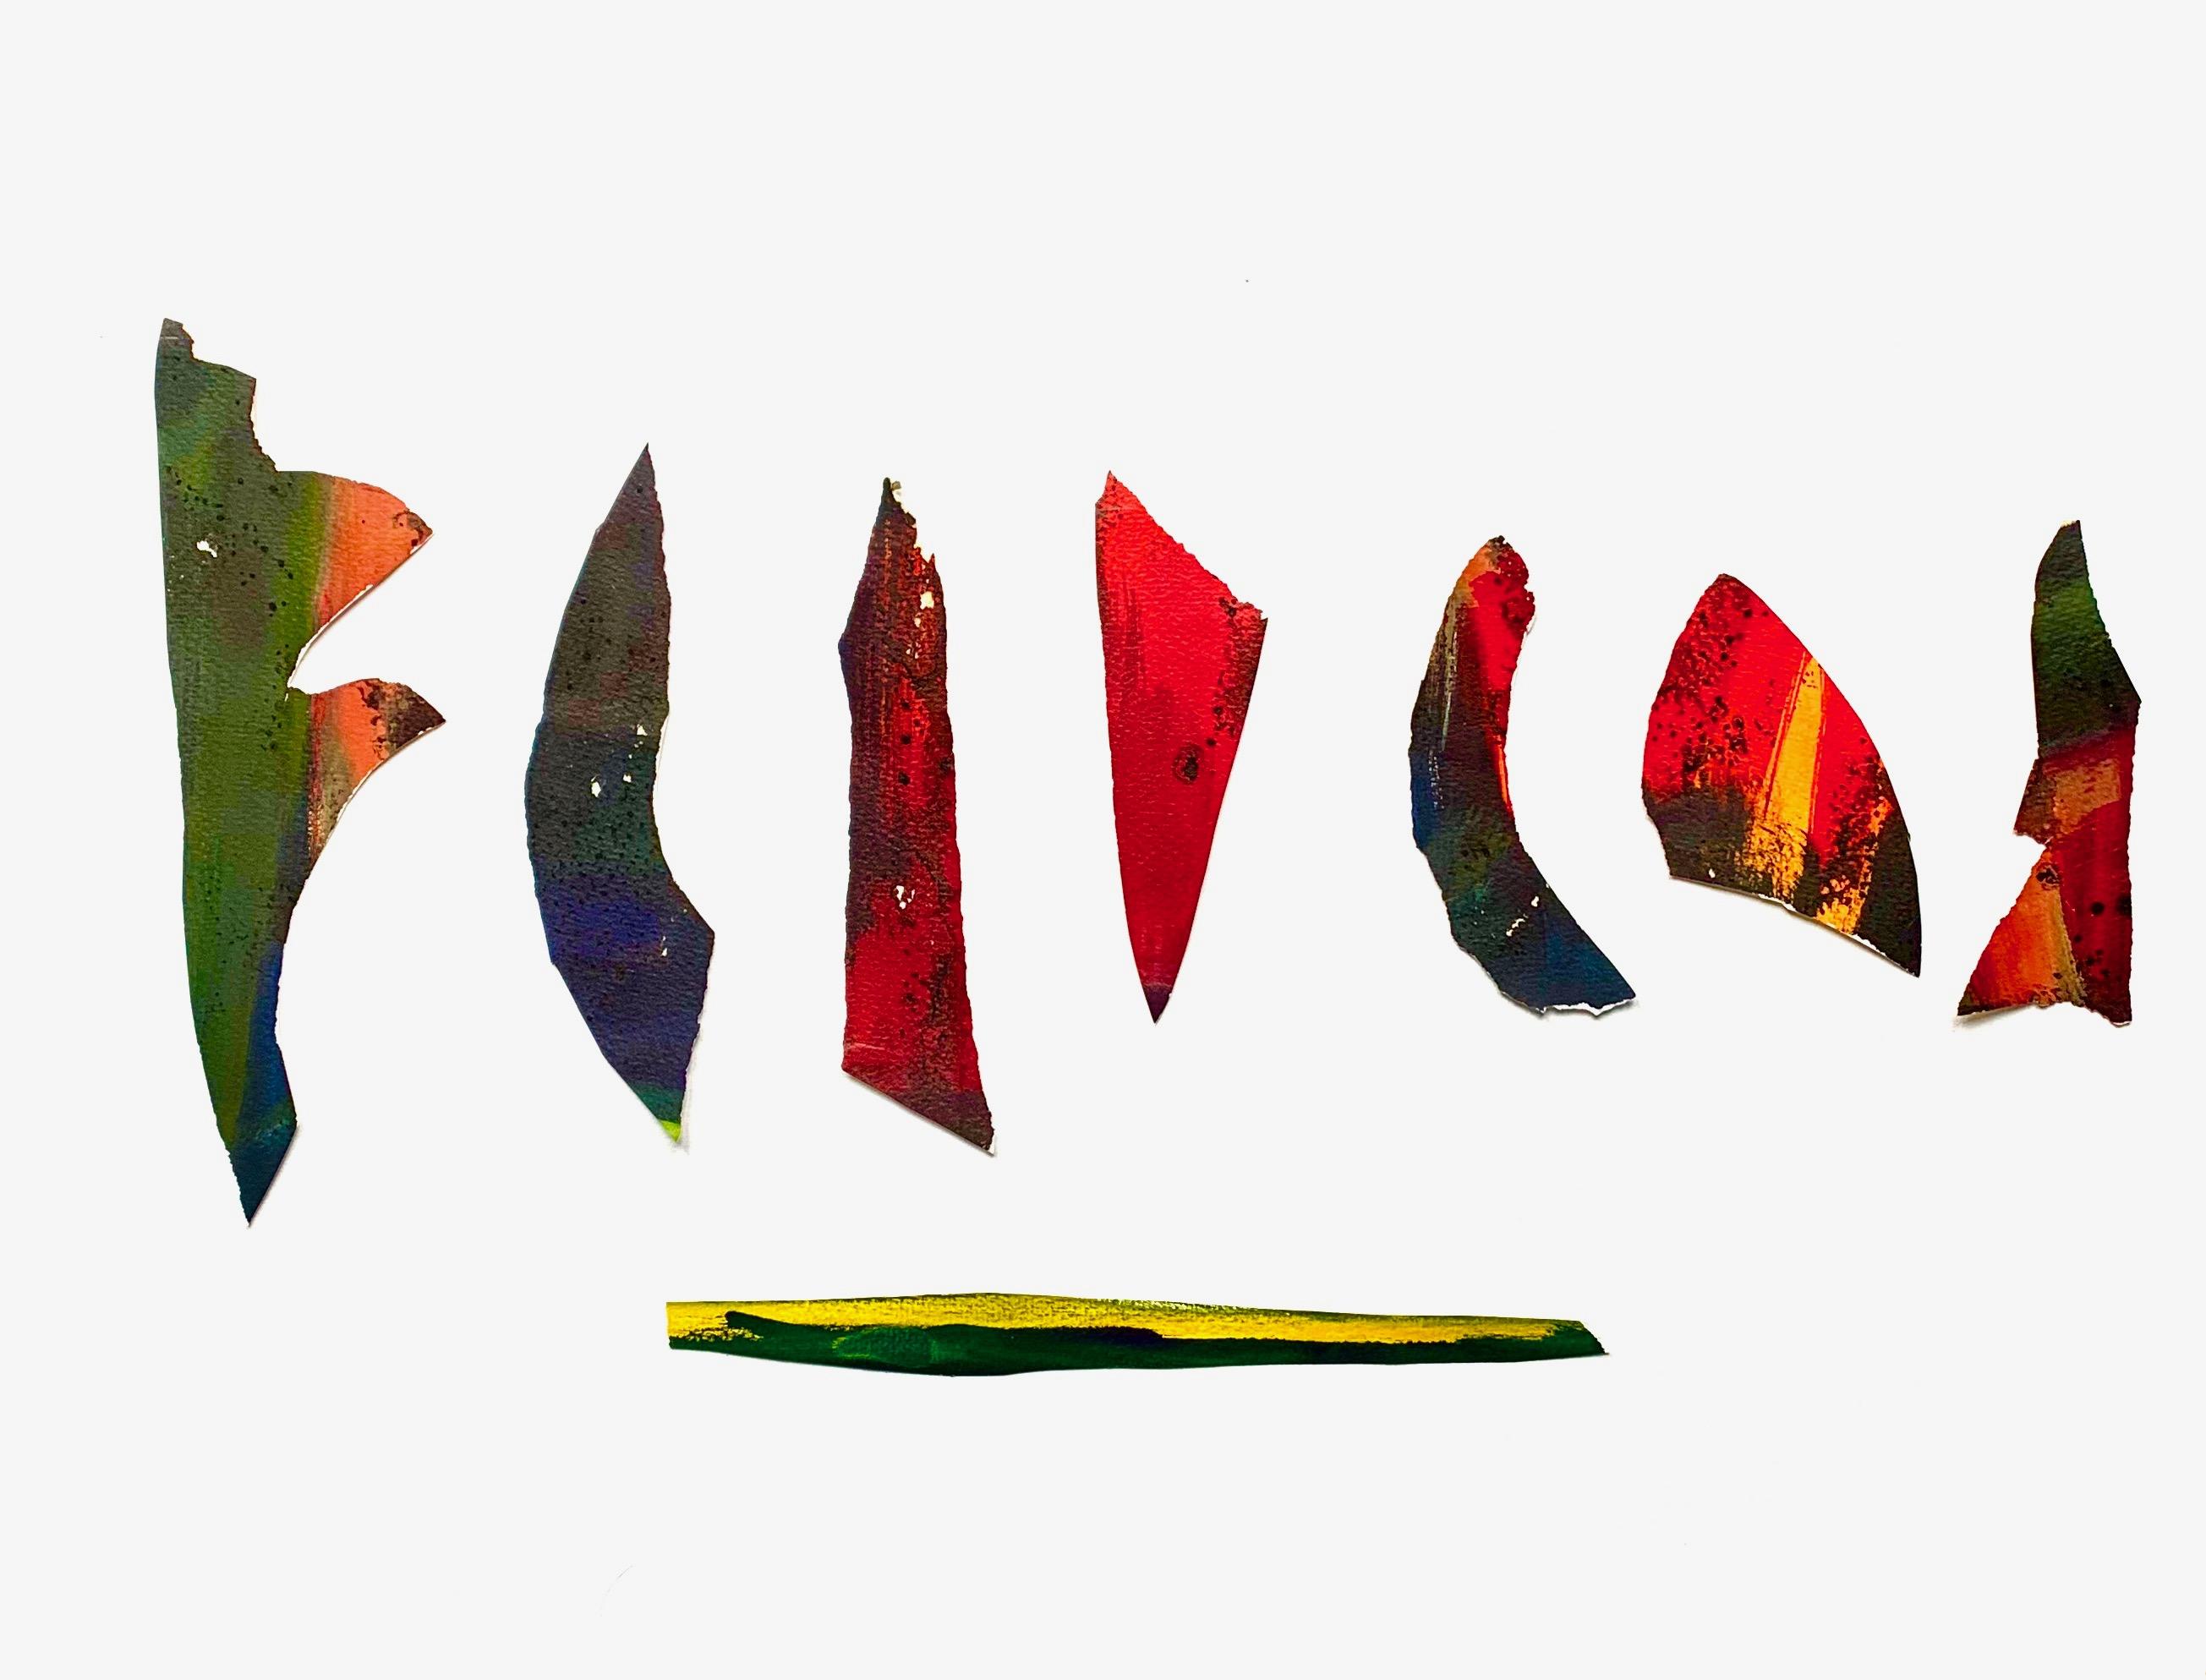 schilderij transformatie crealism stukje advandenboom